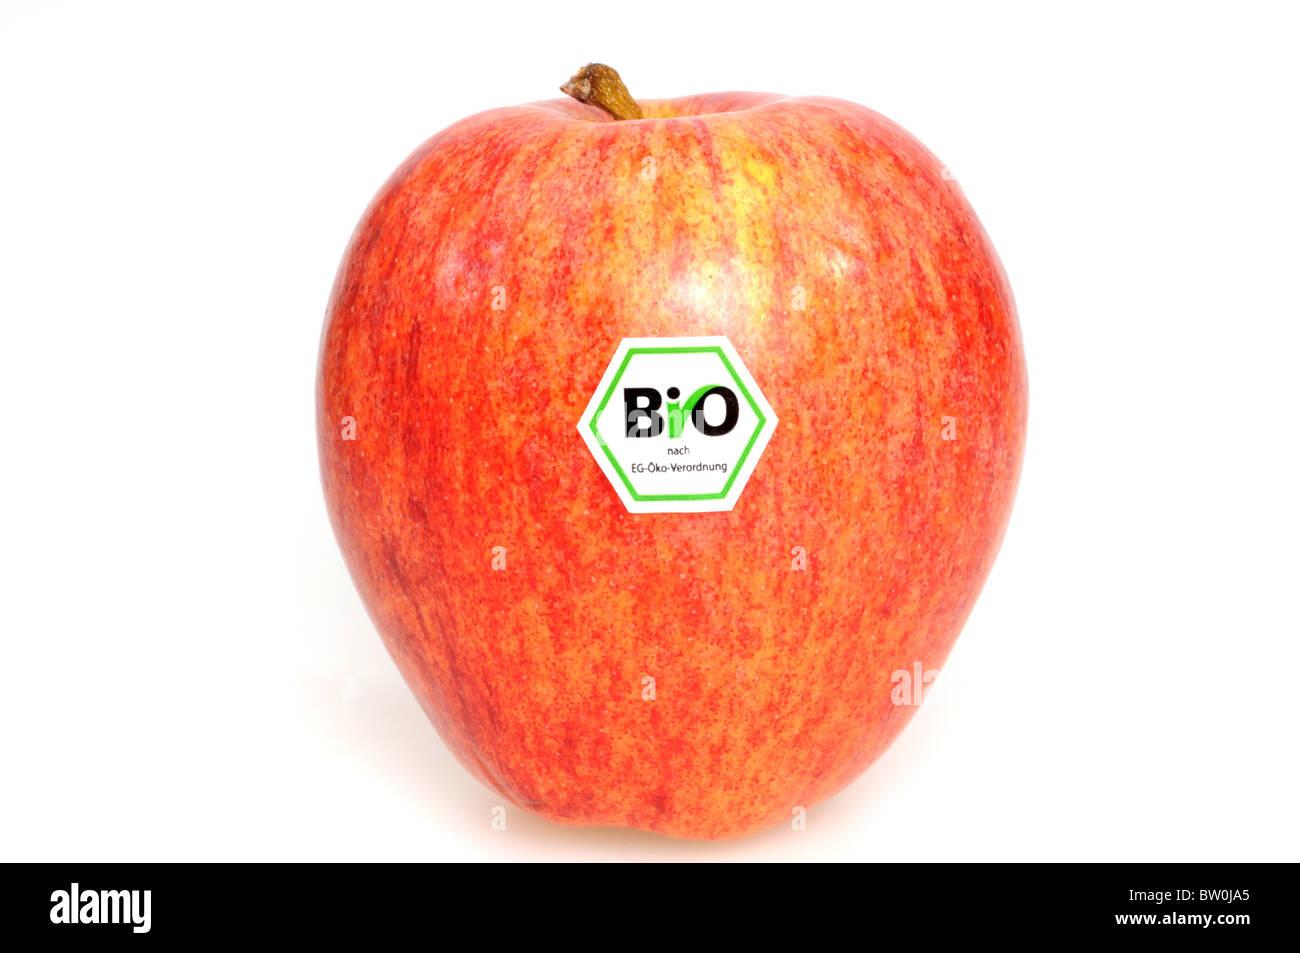 Wholefruit Apple vor einem weißen Hintergrund Stockbild